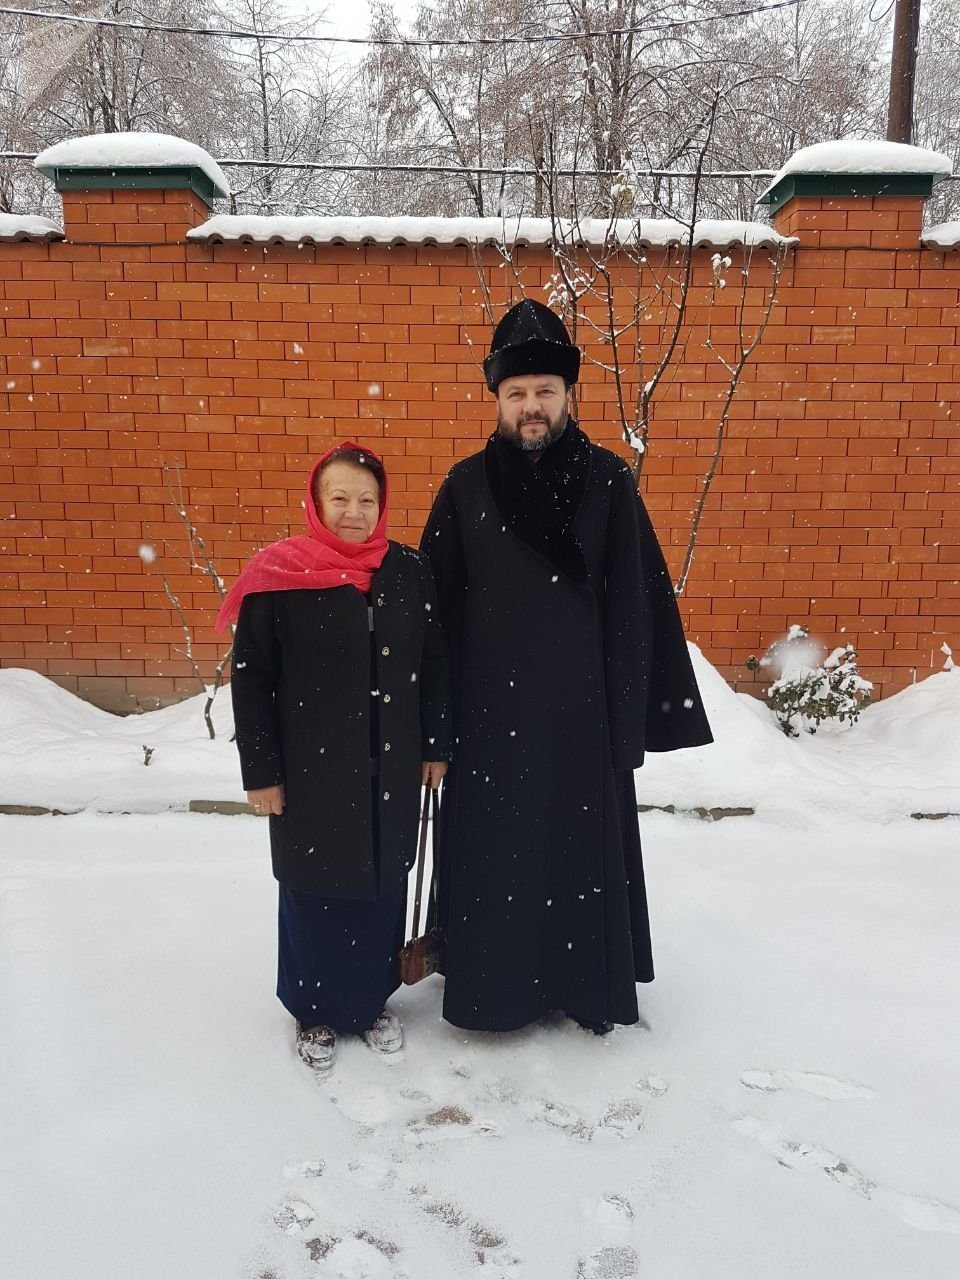 Первая настоящая зима за 19 лет. После возвращения в Россию с мамой.